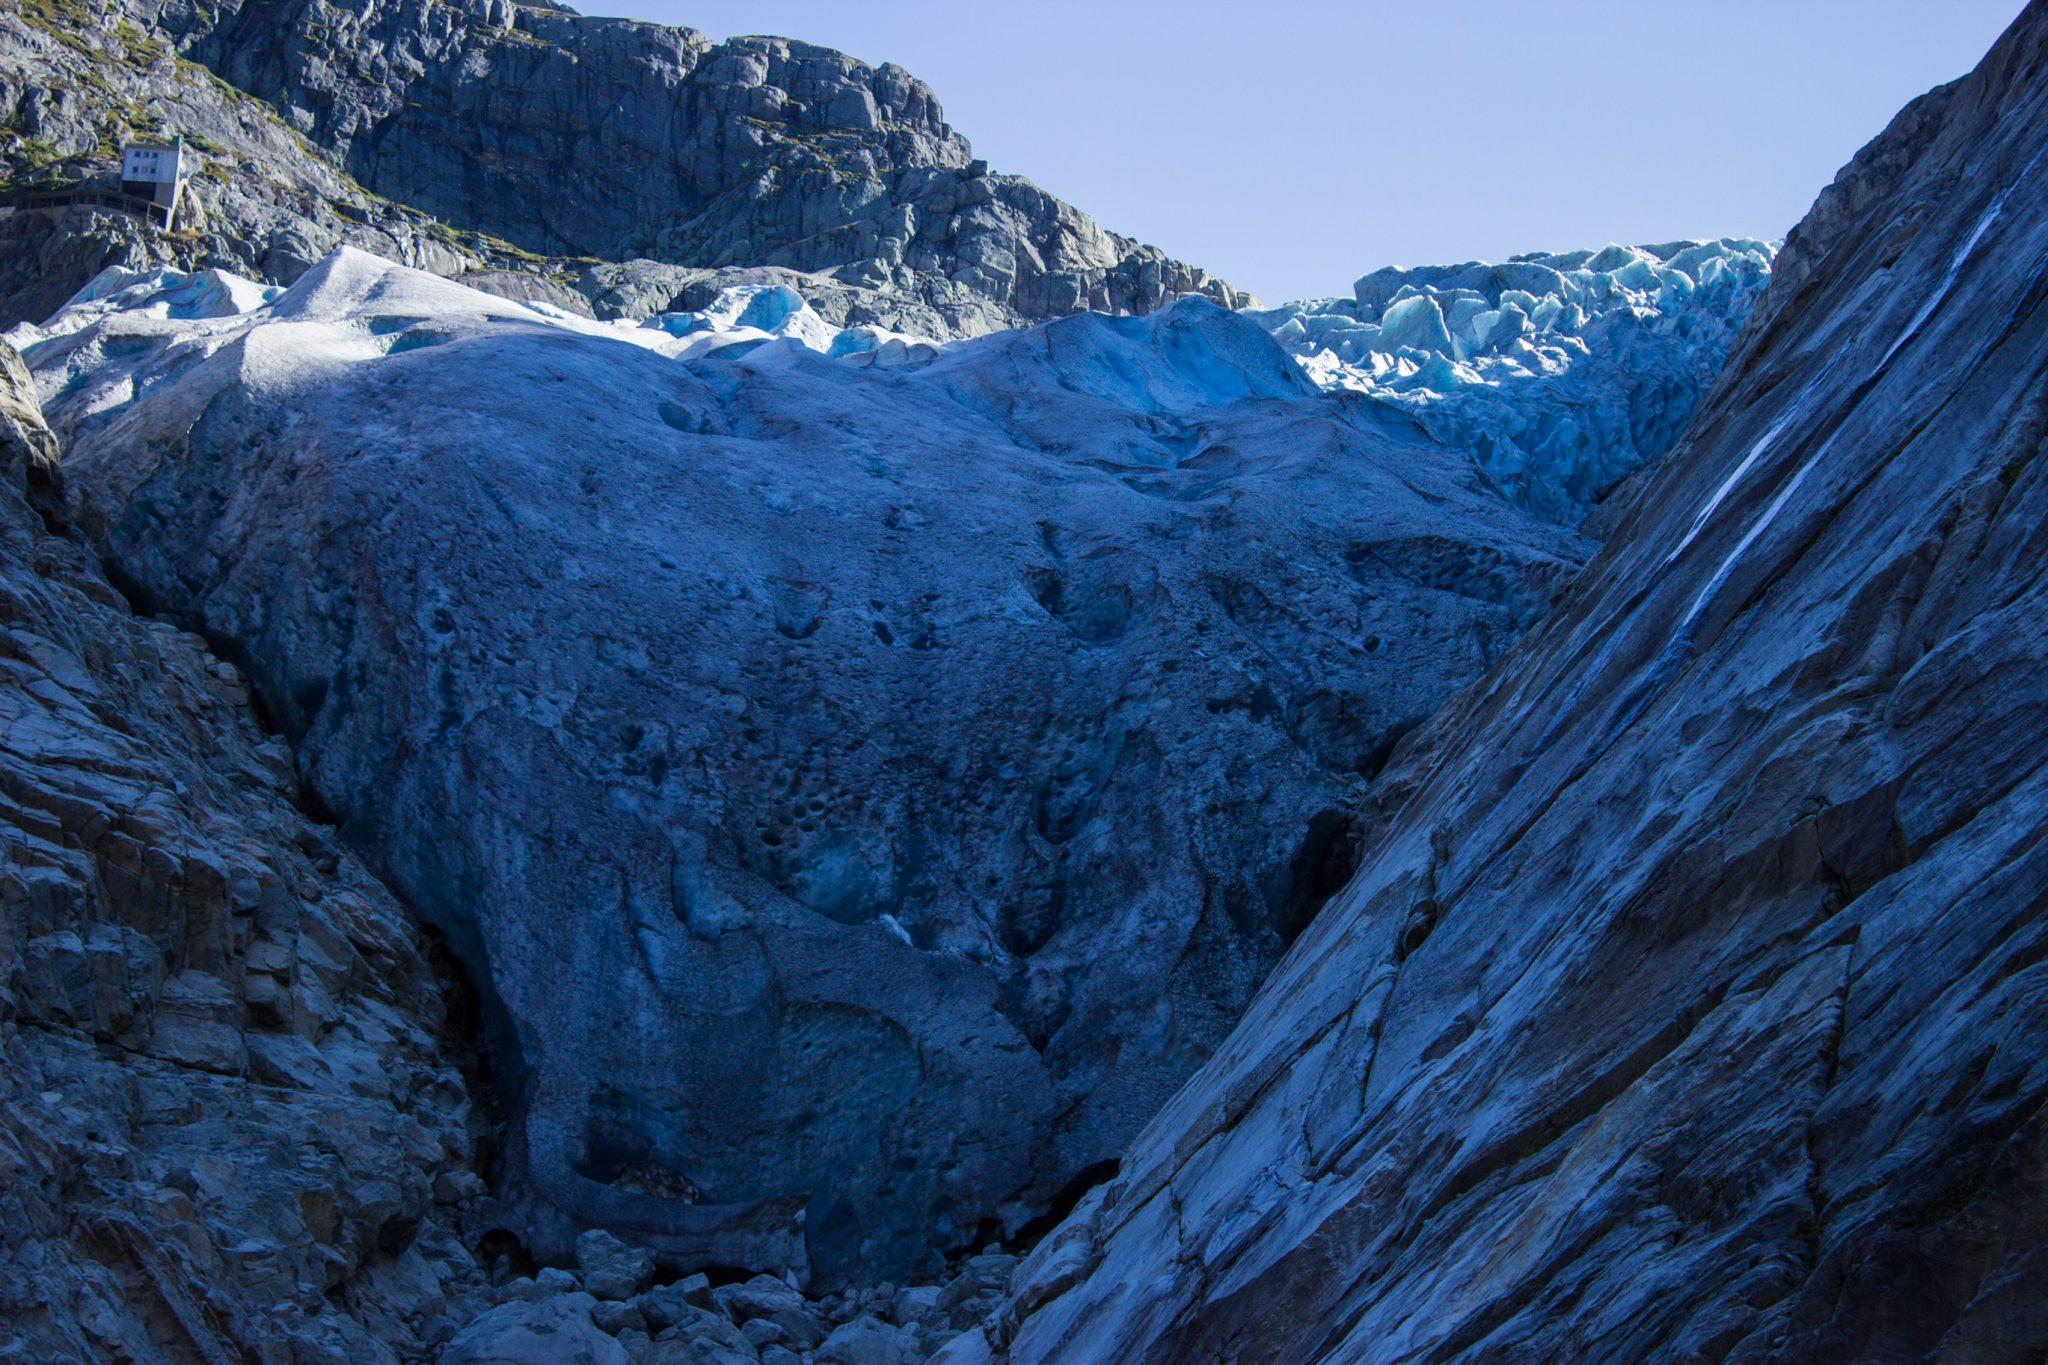 Wanderung vom Ort Sundal bis zum Gletscher Bondhusbreen im Folgefonna Nationalpark, beeindruckender Gletscher unmittelbar vor einem, mächtiges Eis